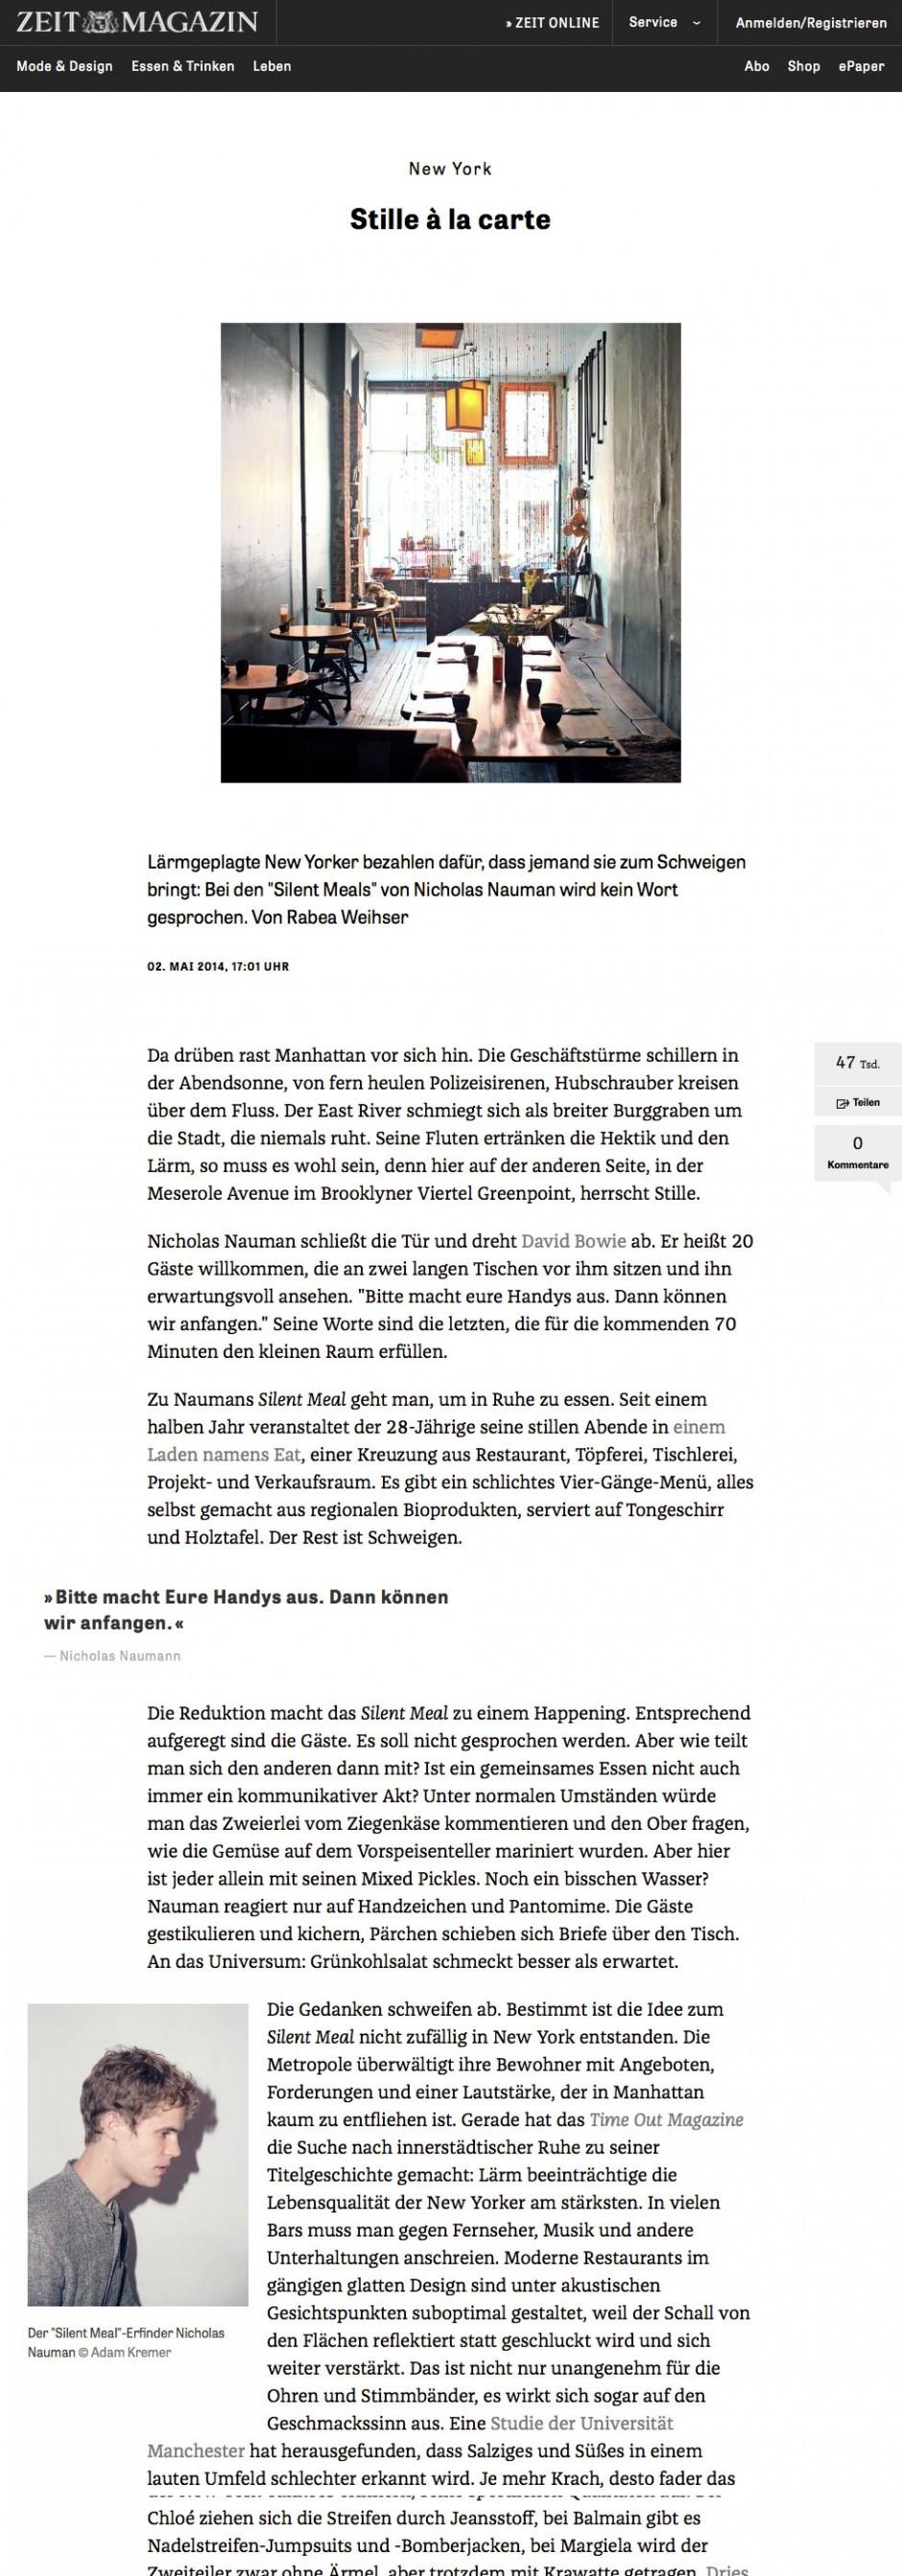 SZ_140508_Zeit_Online_Relaunch_Artikel-NewYork